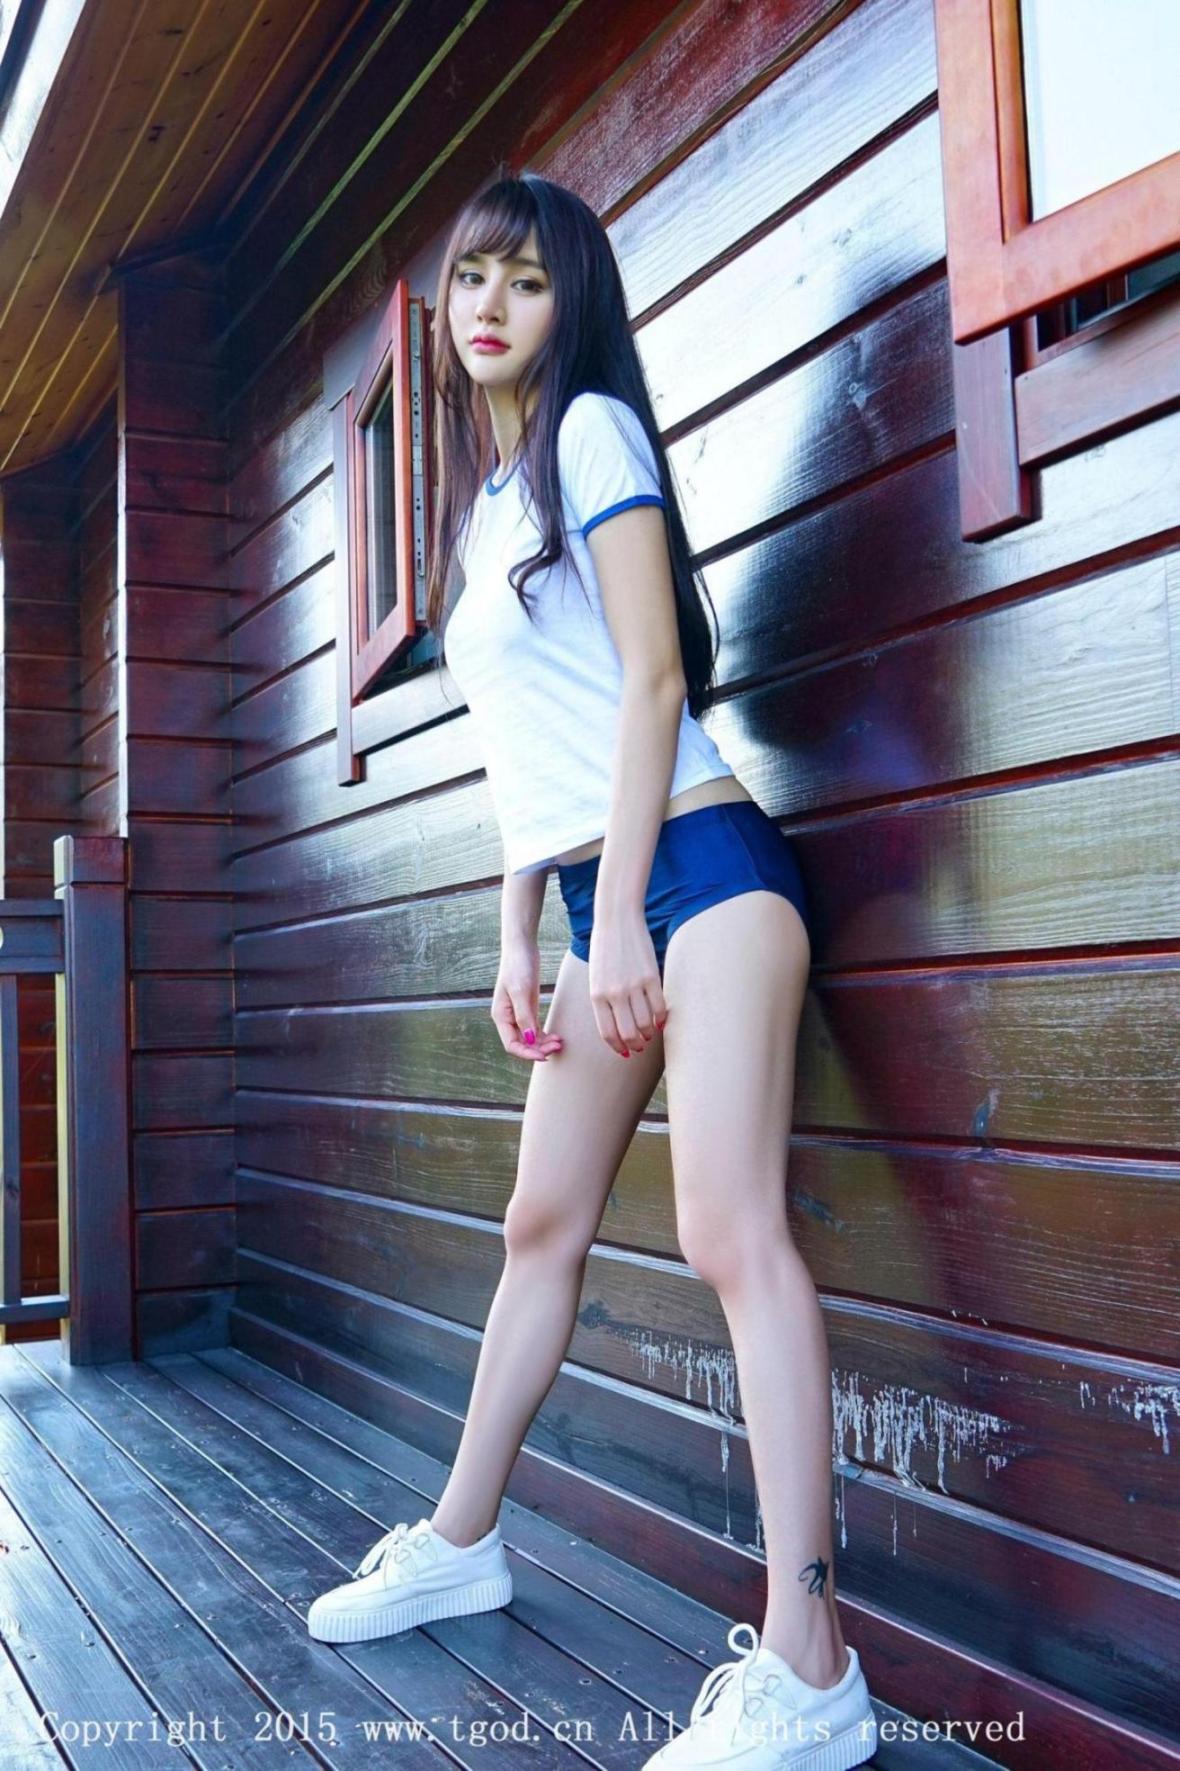 [推女神] Cheryl青树 云曼旅拍 高清写真套图